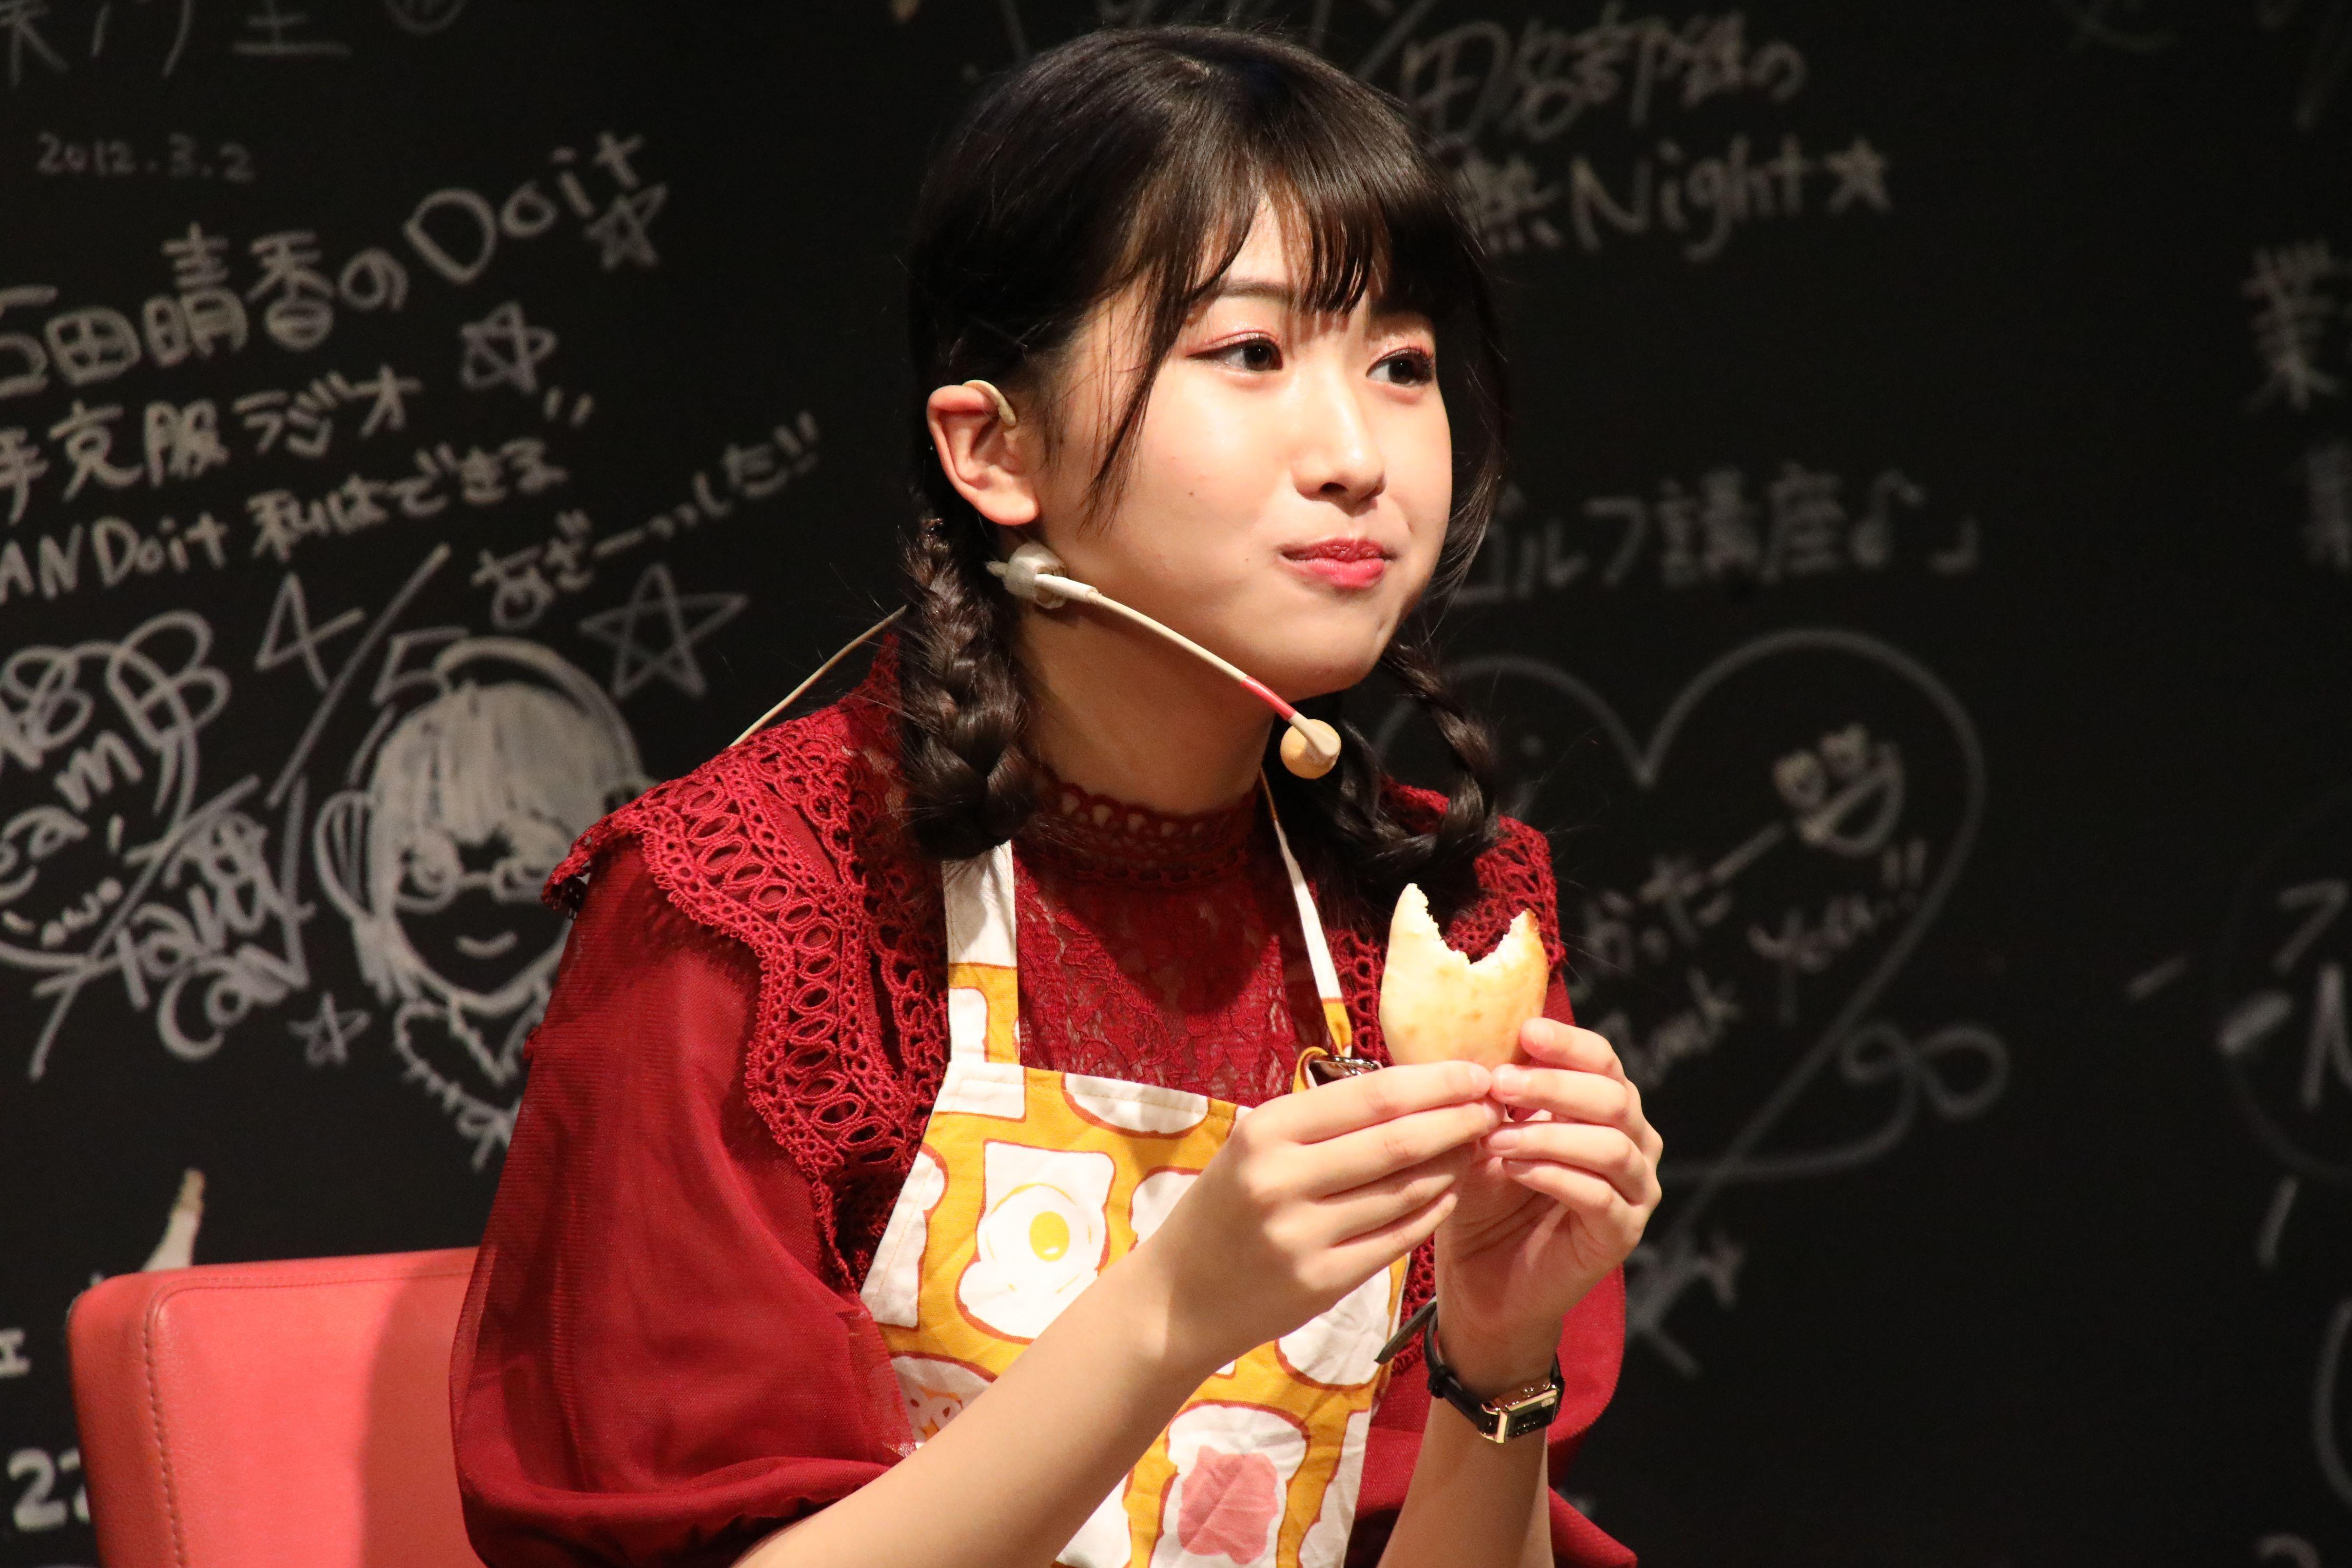 自身が作ったナンを食べながらファンと談笑する高橋彩香